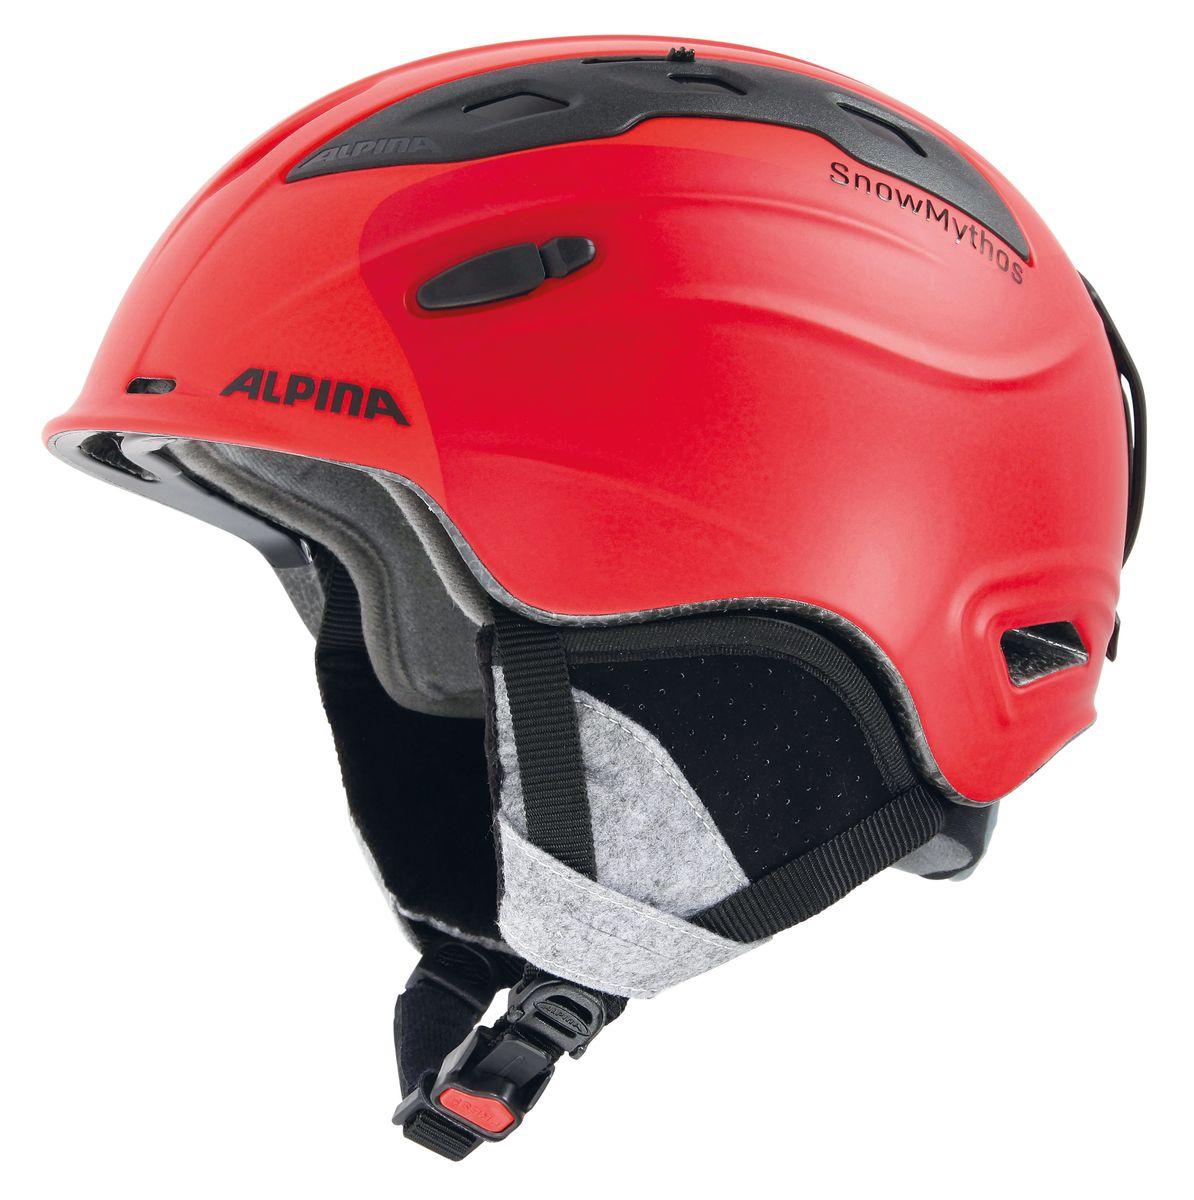 Шлем зимний Alpina Snowmythos, цвет: зеленый. Размер 55-599062_72Экстремально легкая модель шлема Alpina Snowmythos с прекрасными защитными свойствами. Для тех, ищет недорогую модель с клеймом «Сделано в Германии». Технологии:INMOLD TEC - технология соединения внутренней и внешней части шлема при помощи высокой температуры. Данный метод делает соединение исключительно прочным, а сам шлем легким. Такой метод соединения гораздо надежнее и безопаснее обычного склеивания. CERAMIC - особая технология производства внешней оболочки шлема. Используются легковесные материалы экстремально прочные и устойчивые к царапинам. Возможно использование при сильном УФ изучении, так же поверхность имеет антистатическое покрытие. RUN SYSTEM - простая система настройки шлема, позволяющая добиться надежной фиксации. AIRSTREAM CONTROL - регулируемые воздушные клапана для полного контроля внутренней вентиляции. REMOVABLE EARPADS - съемные амбушюры добавляют чувства свободы во время катания в теплую погоду, не в ущерб безопасности. При падении температуры, амбушюры легко устанавливаются обратно на шлем.CHANGEABLE INTERIOR - съемная внутренняя часть. Допускается стирка в теплой мыльной воде. NECKWARMER - дополнительное утепление шеи. Изготовлено из мягкого флиса. 3D FIT - ремень, позволяющий регулироваться затылочную часть шлема. Пять позиций позволят настроить идеальную посадку.